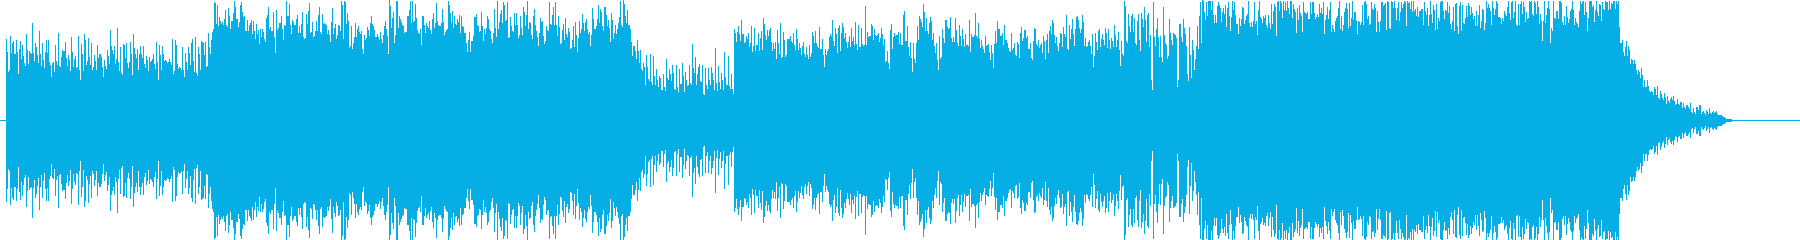 爽やかシネマロック/メインテーマの再生済みの波形